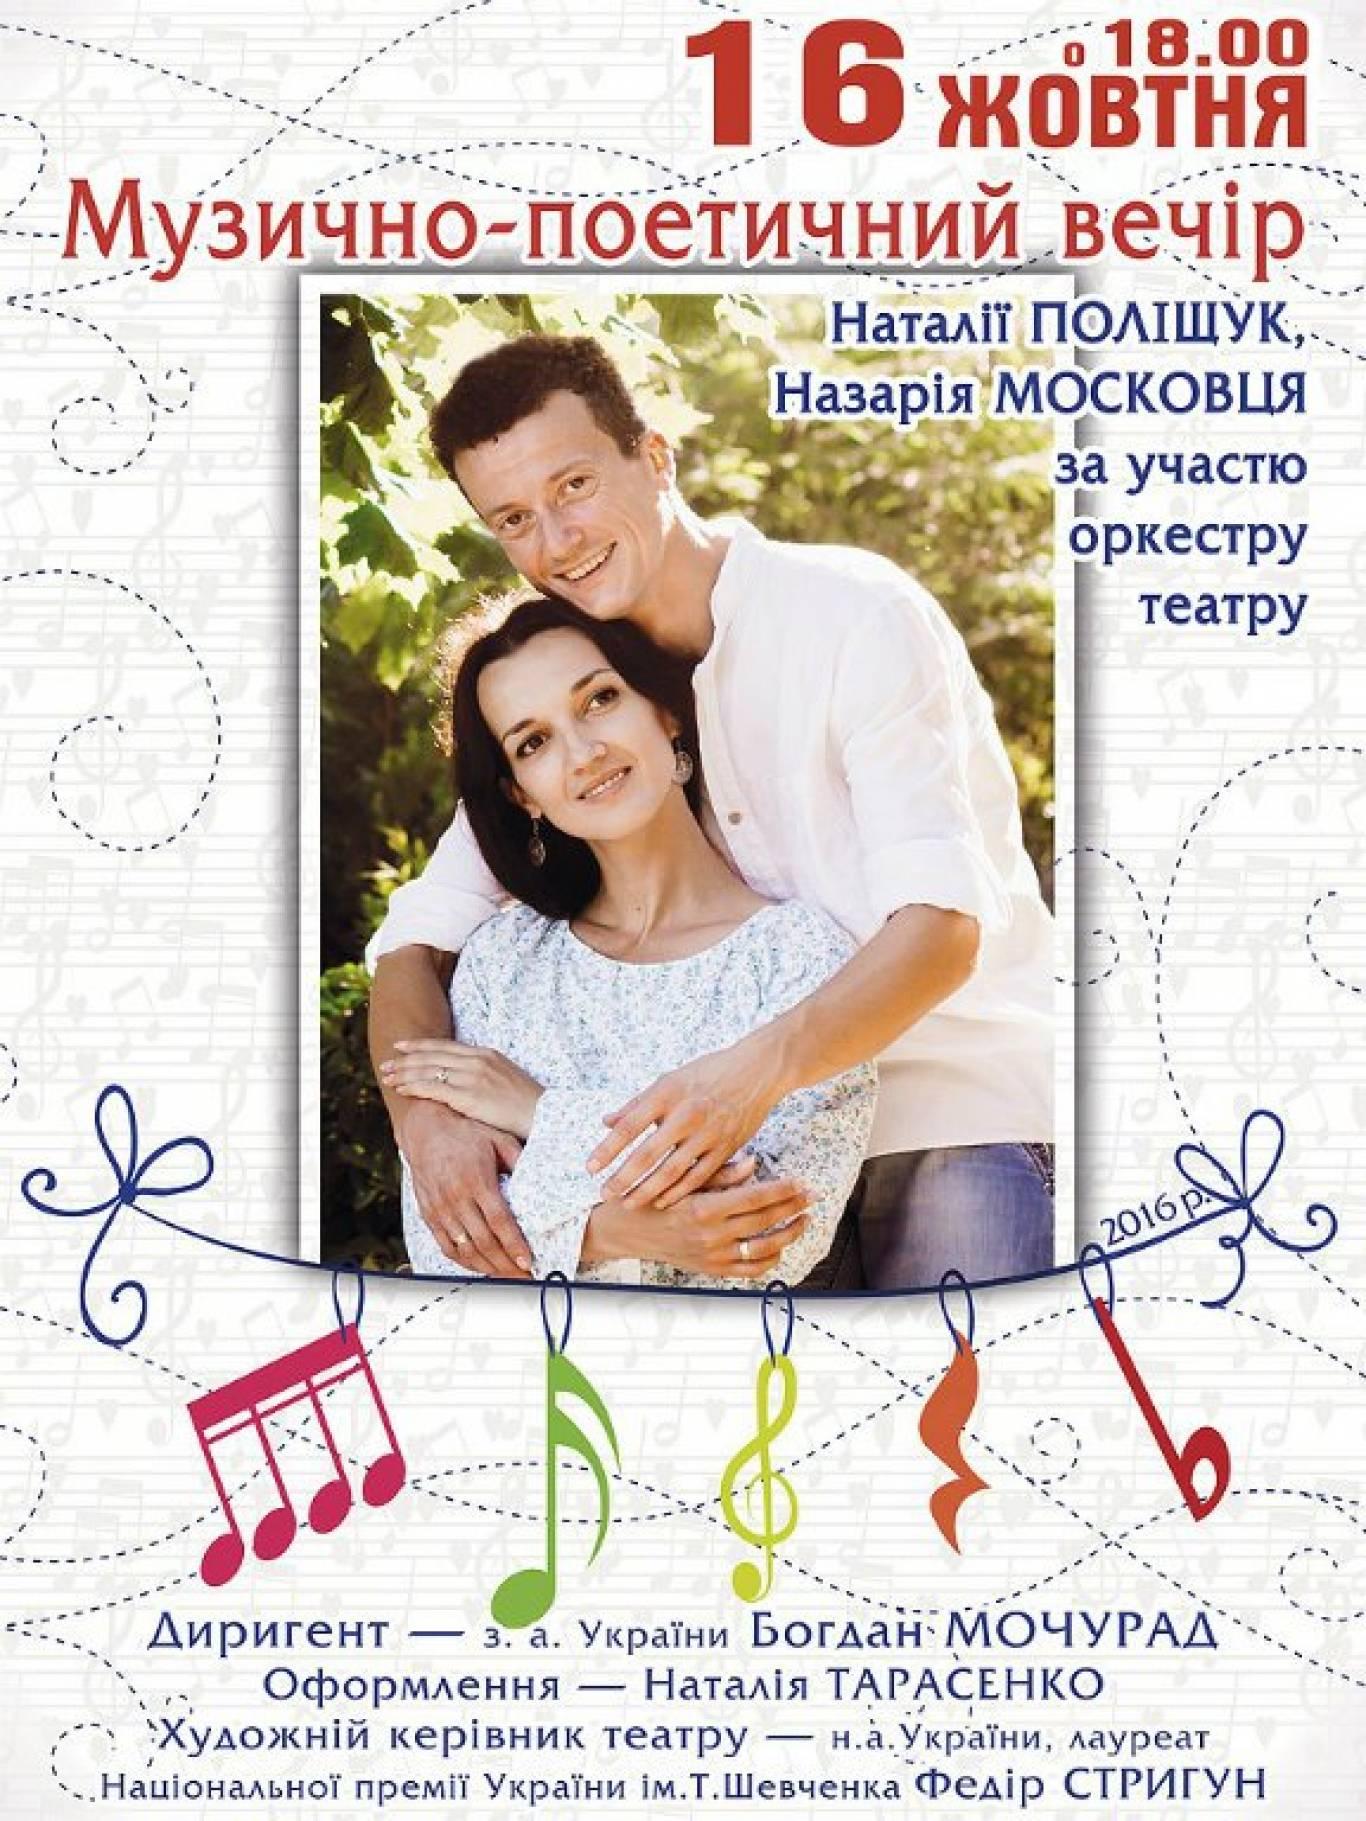 Музично-поетичний вечір Наталії Поліщук та Назарія Московця